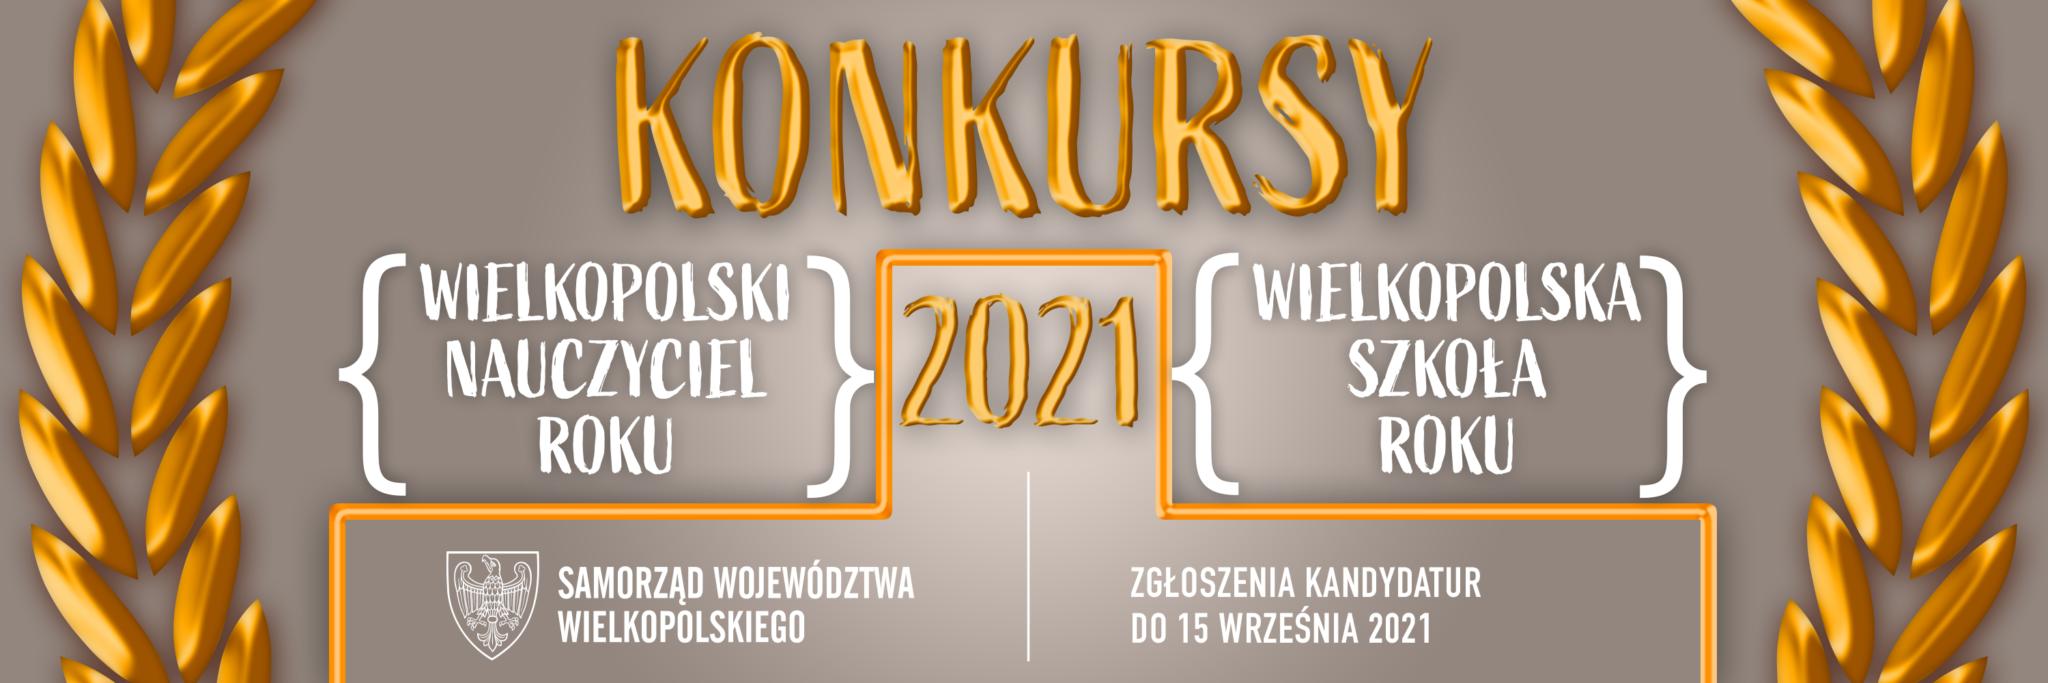 Informacja (grafika wektorowa) o Konkursie Wielkopolski Nauczyciel Roku oraz Wielkopolska Szkoła Roku. Termin zgłaszania kandydatur do 15 września 2021 r.